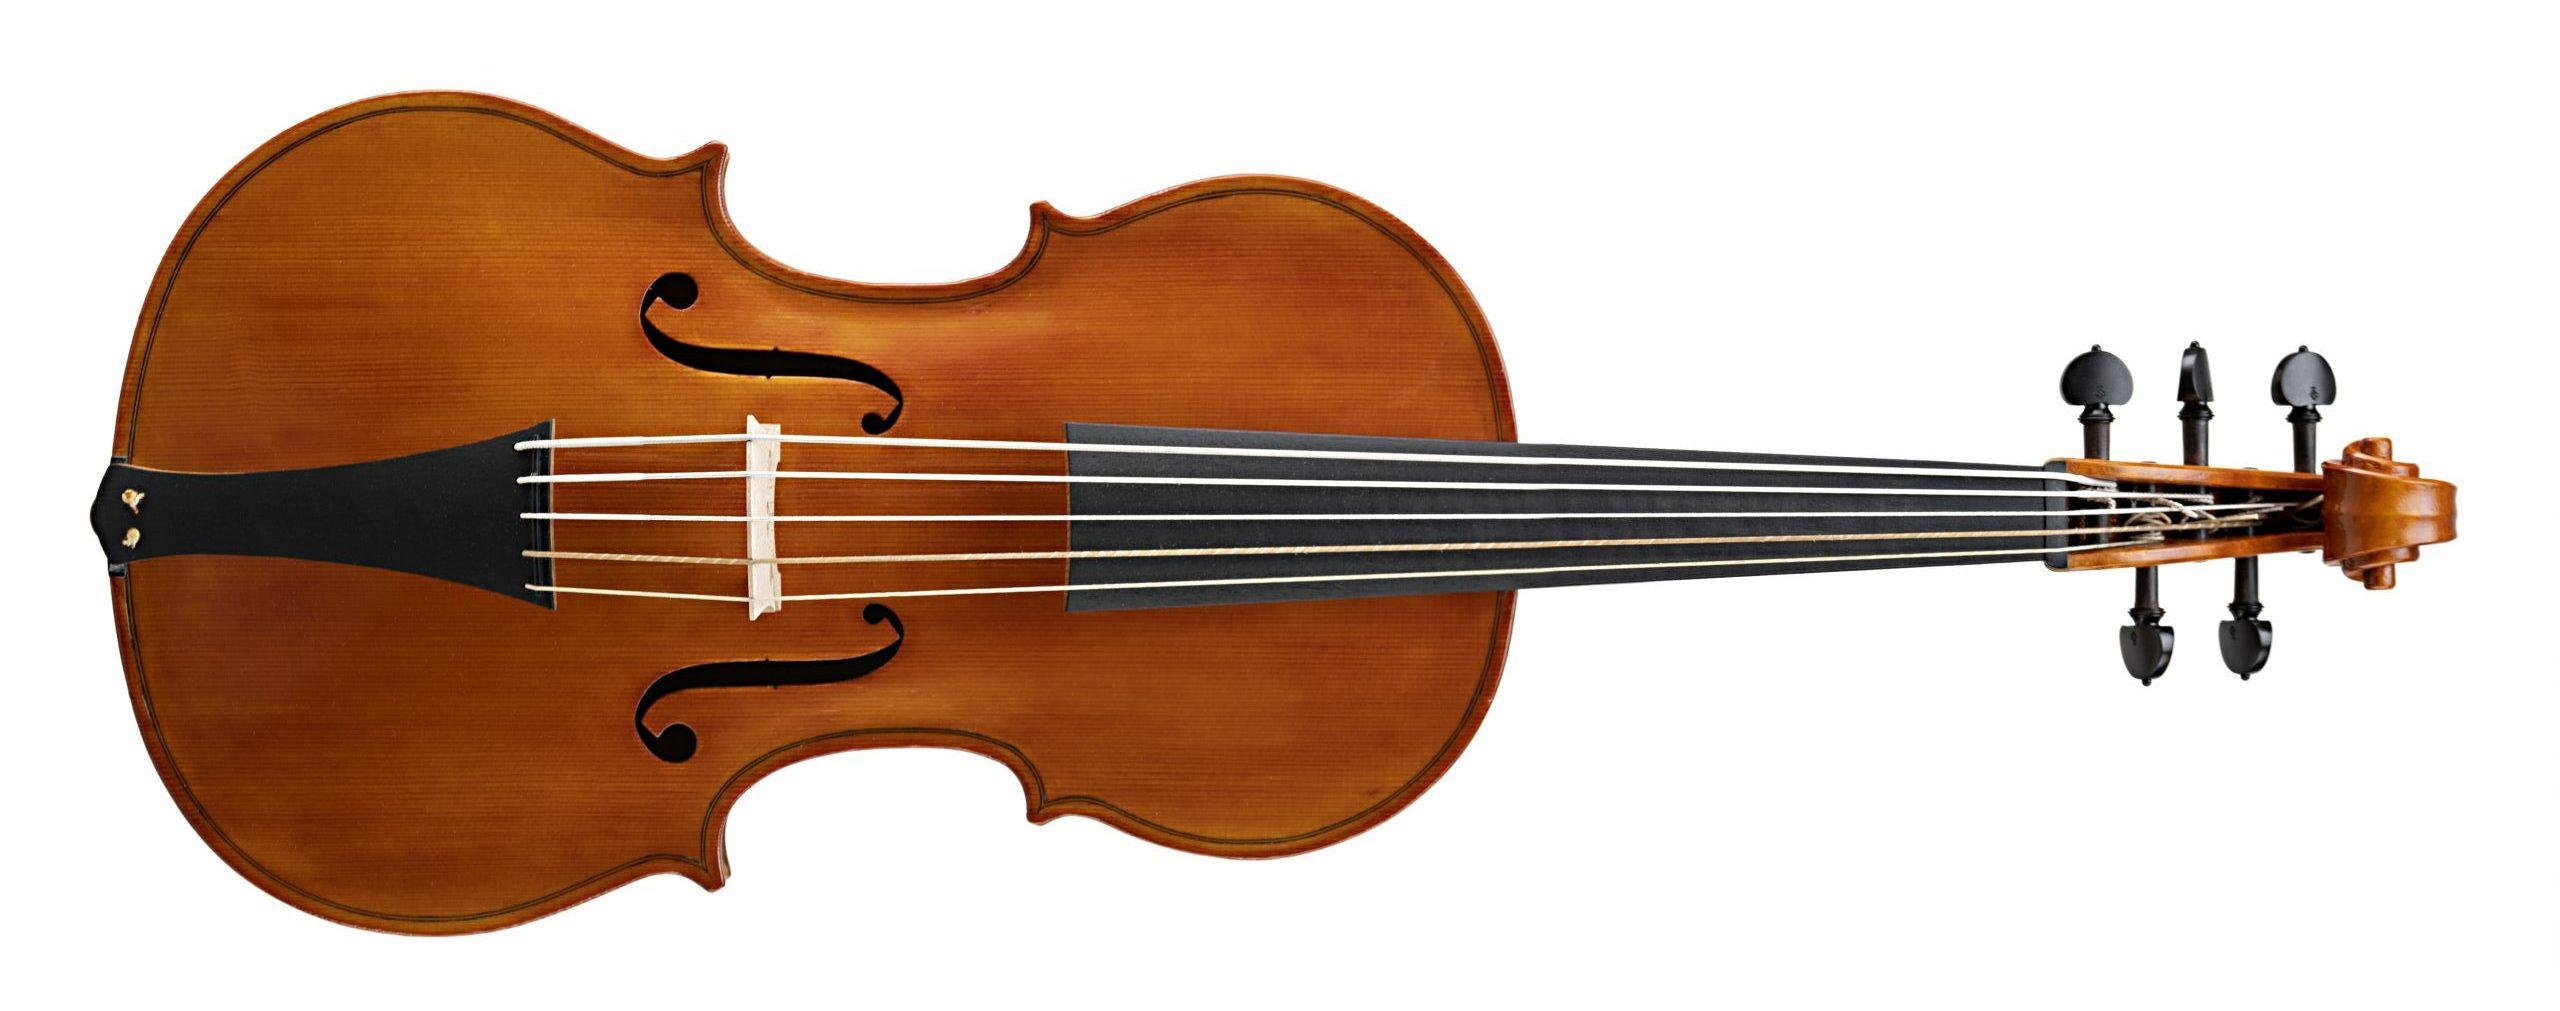 Violoncello da spalla Badiarov Visintini gaidano